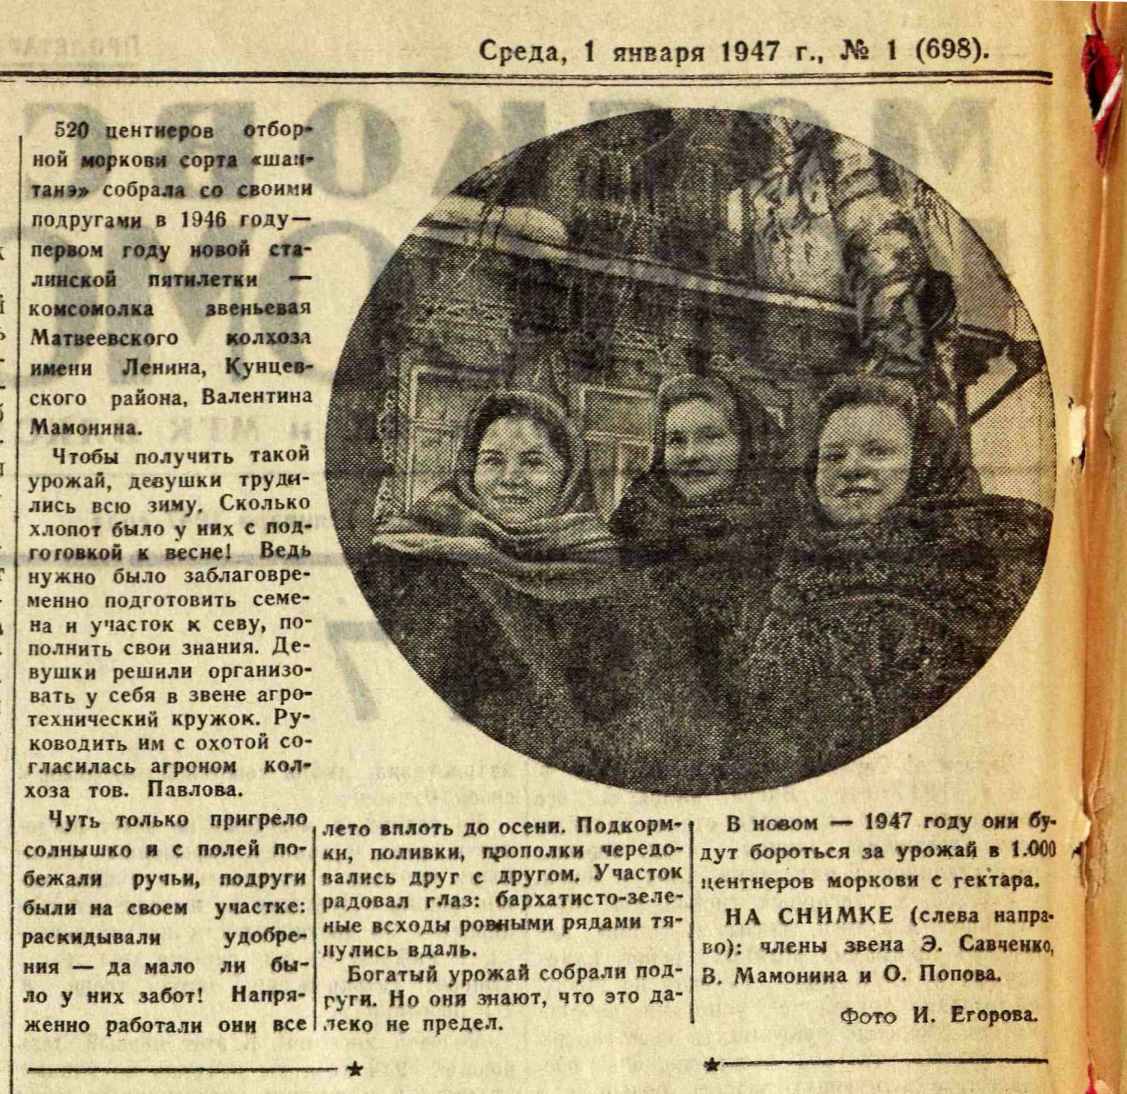 1947 Московский комсомолец, 1947, № 1 (698), 1 января